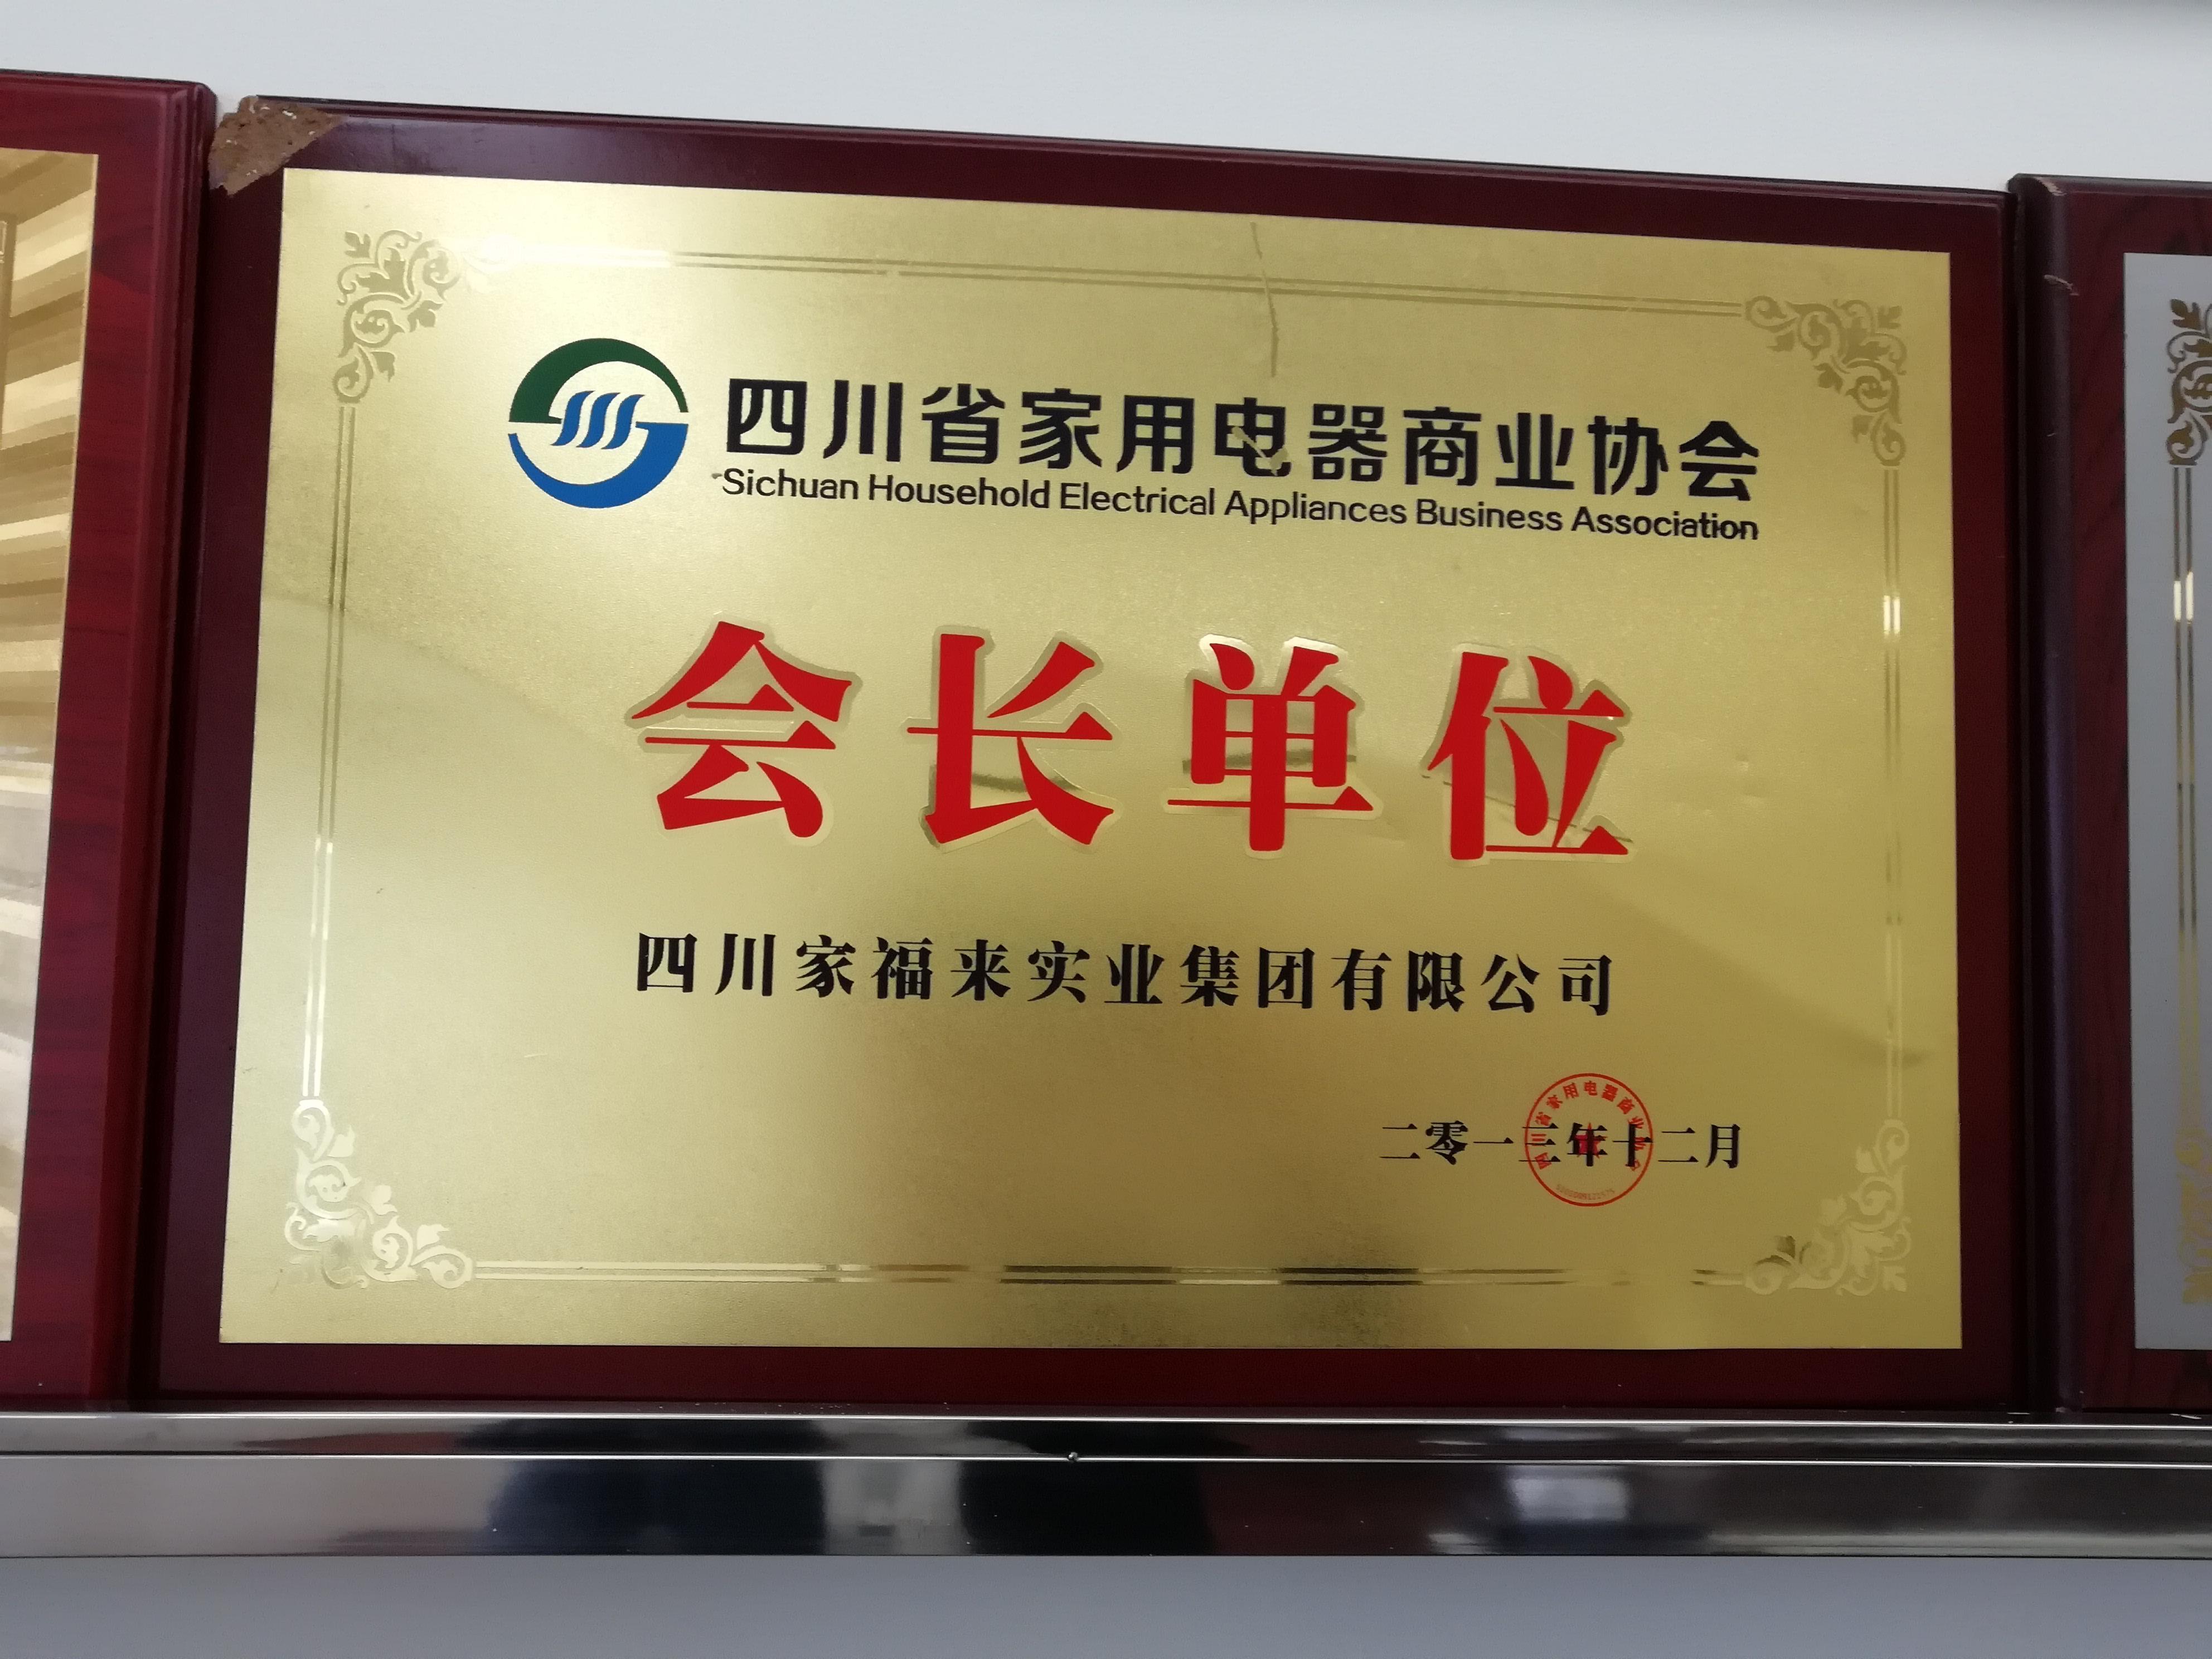 四川家用电器商业协会会长单位